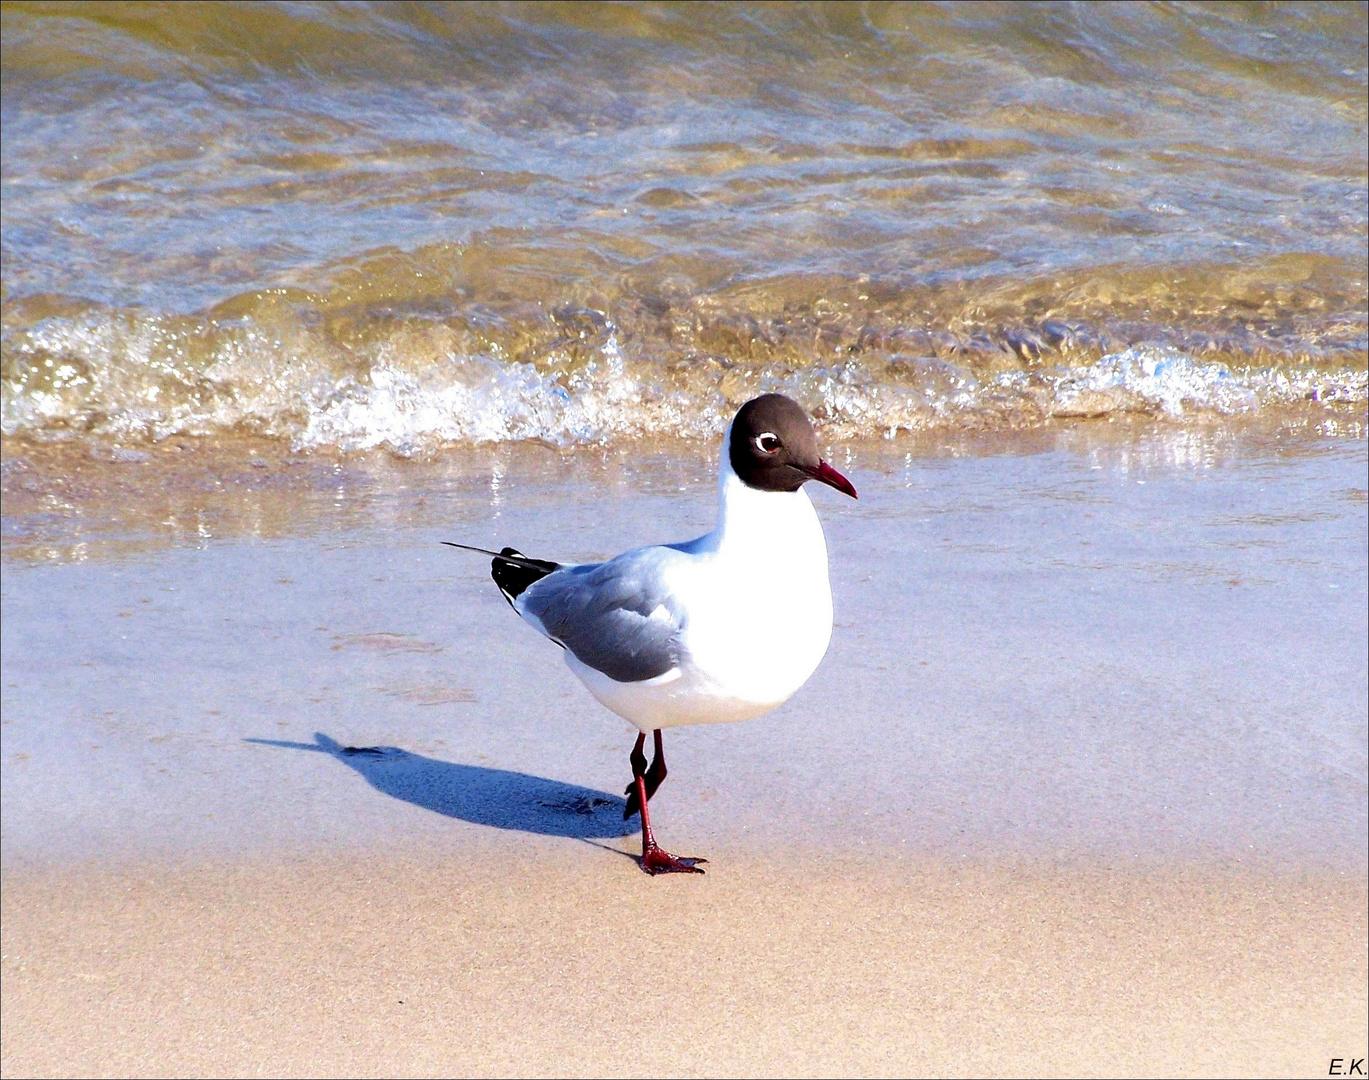 Lachmöve an der Ostsee